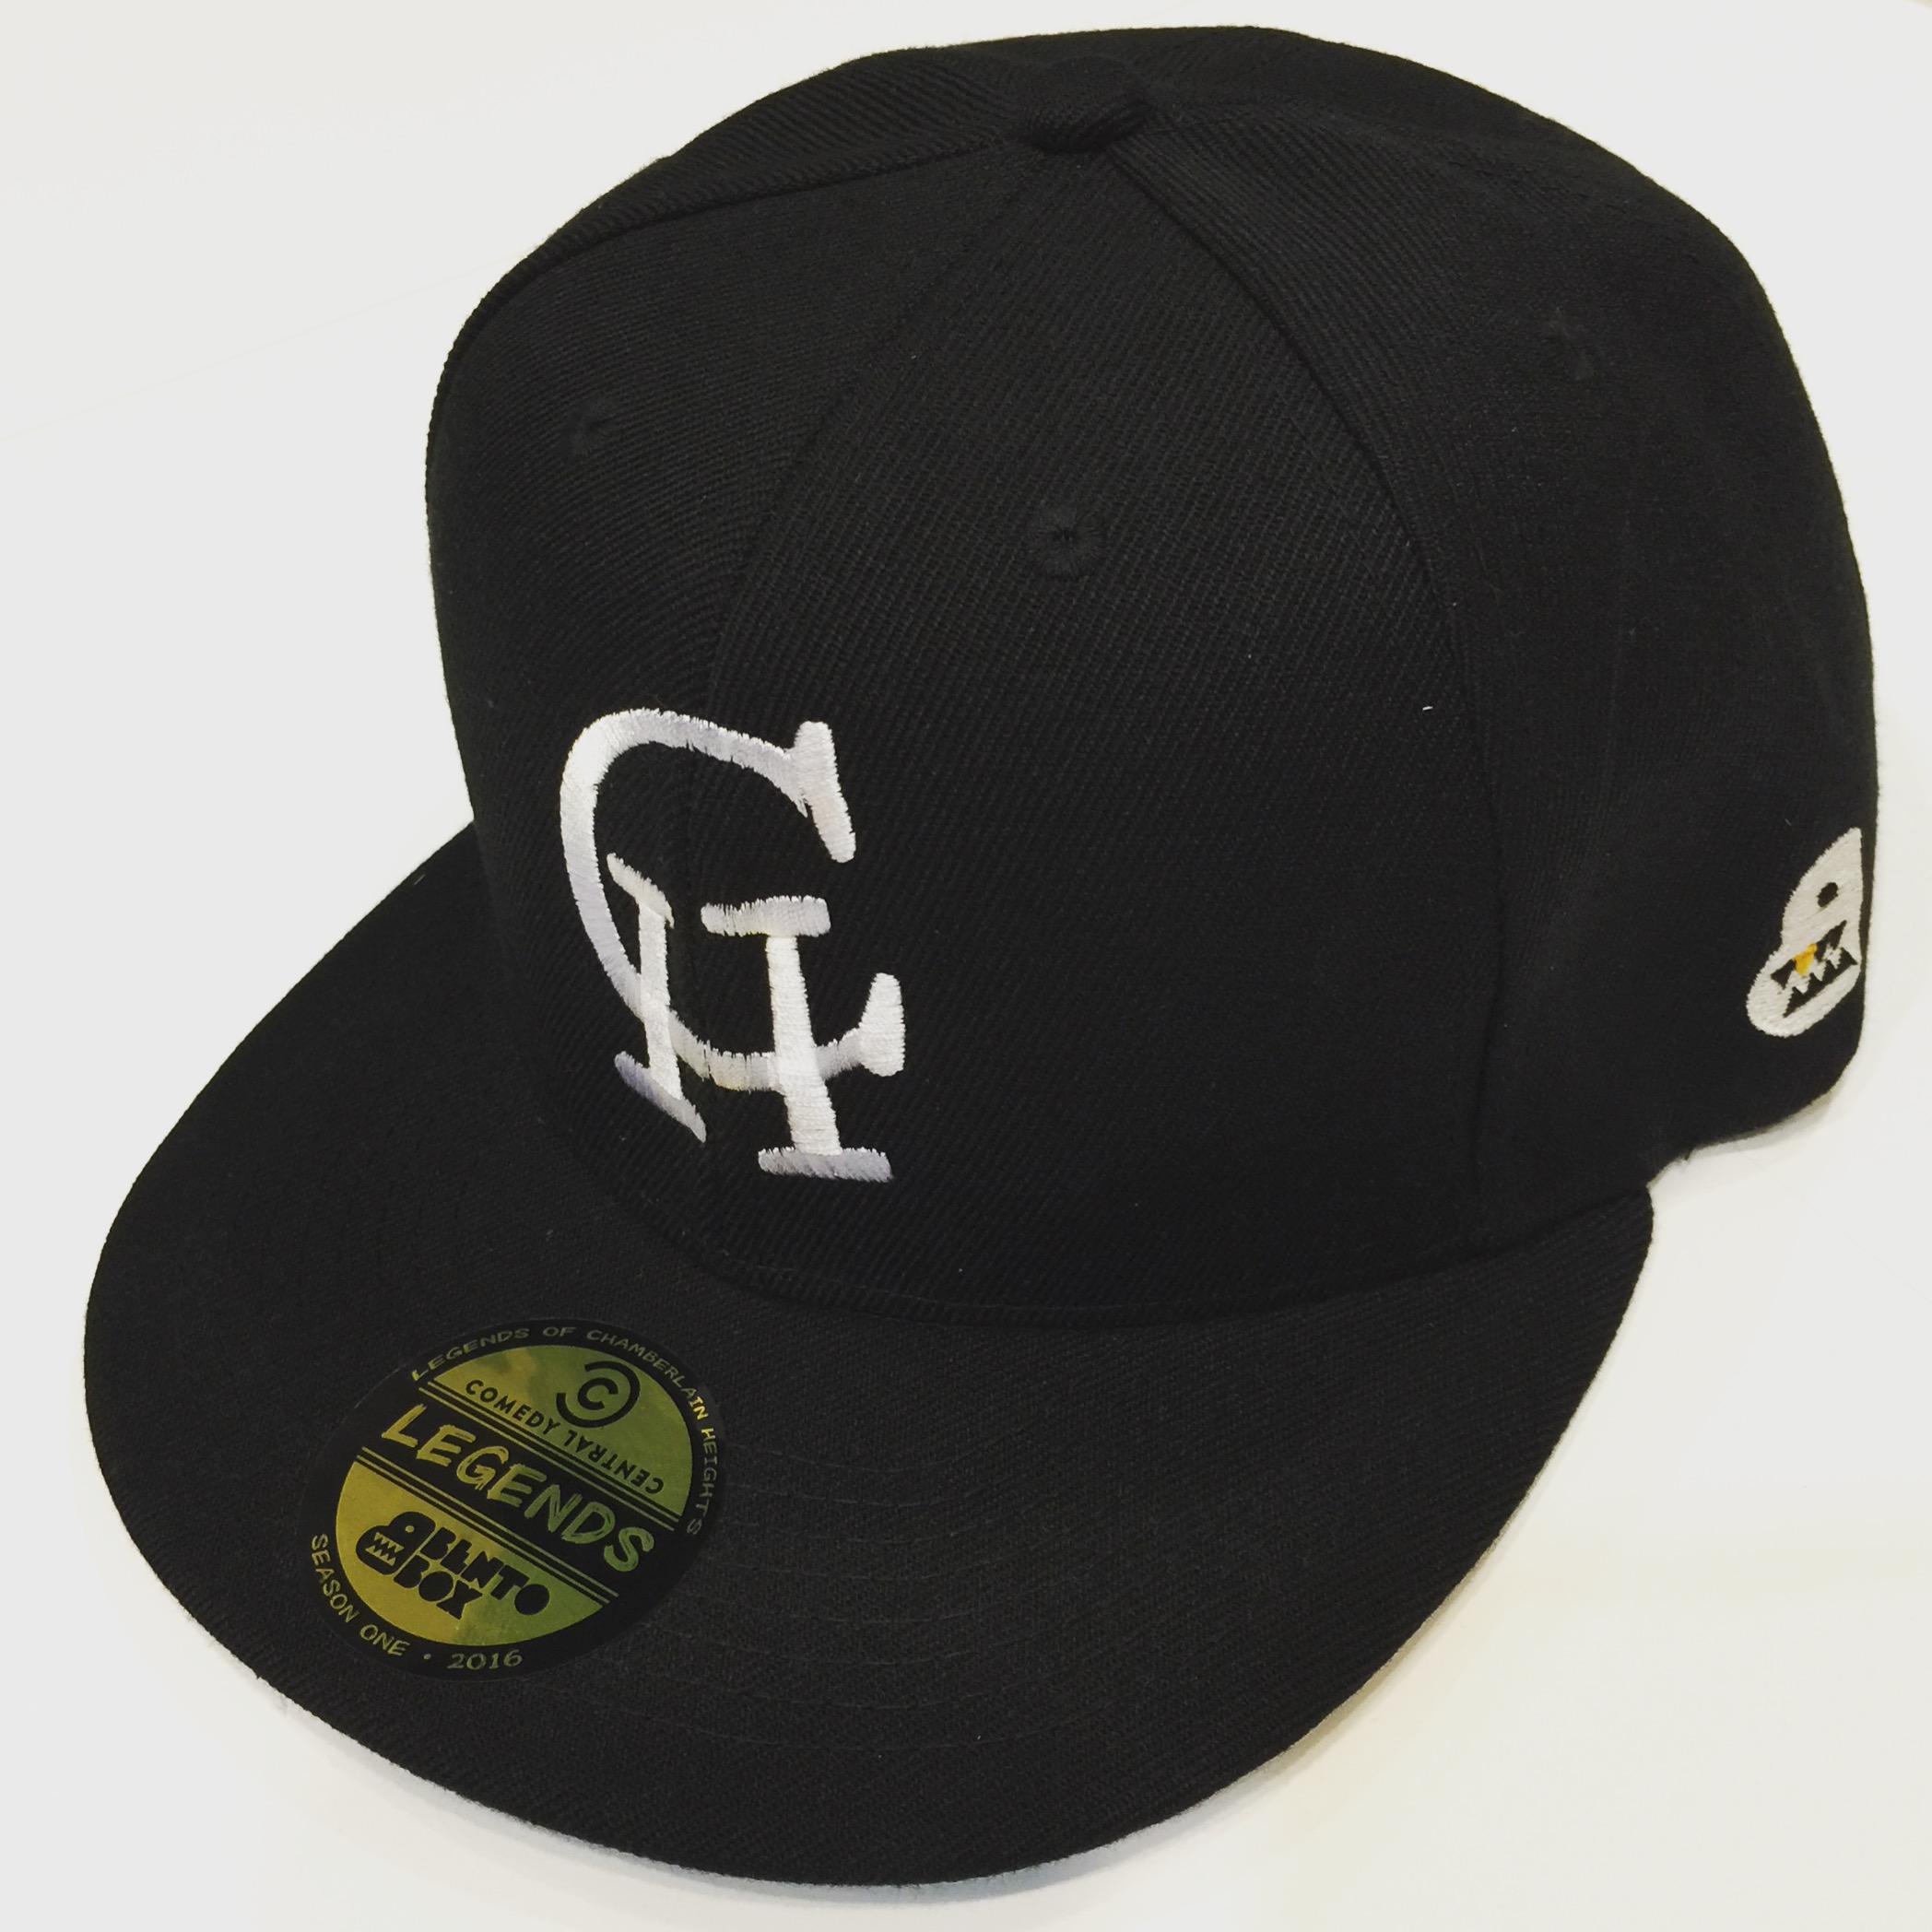 Legends Crew Gift